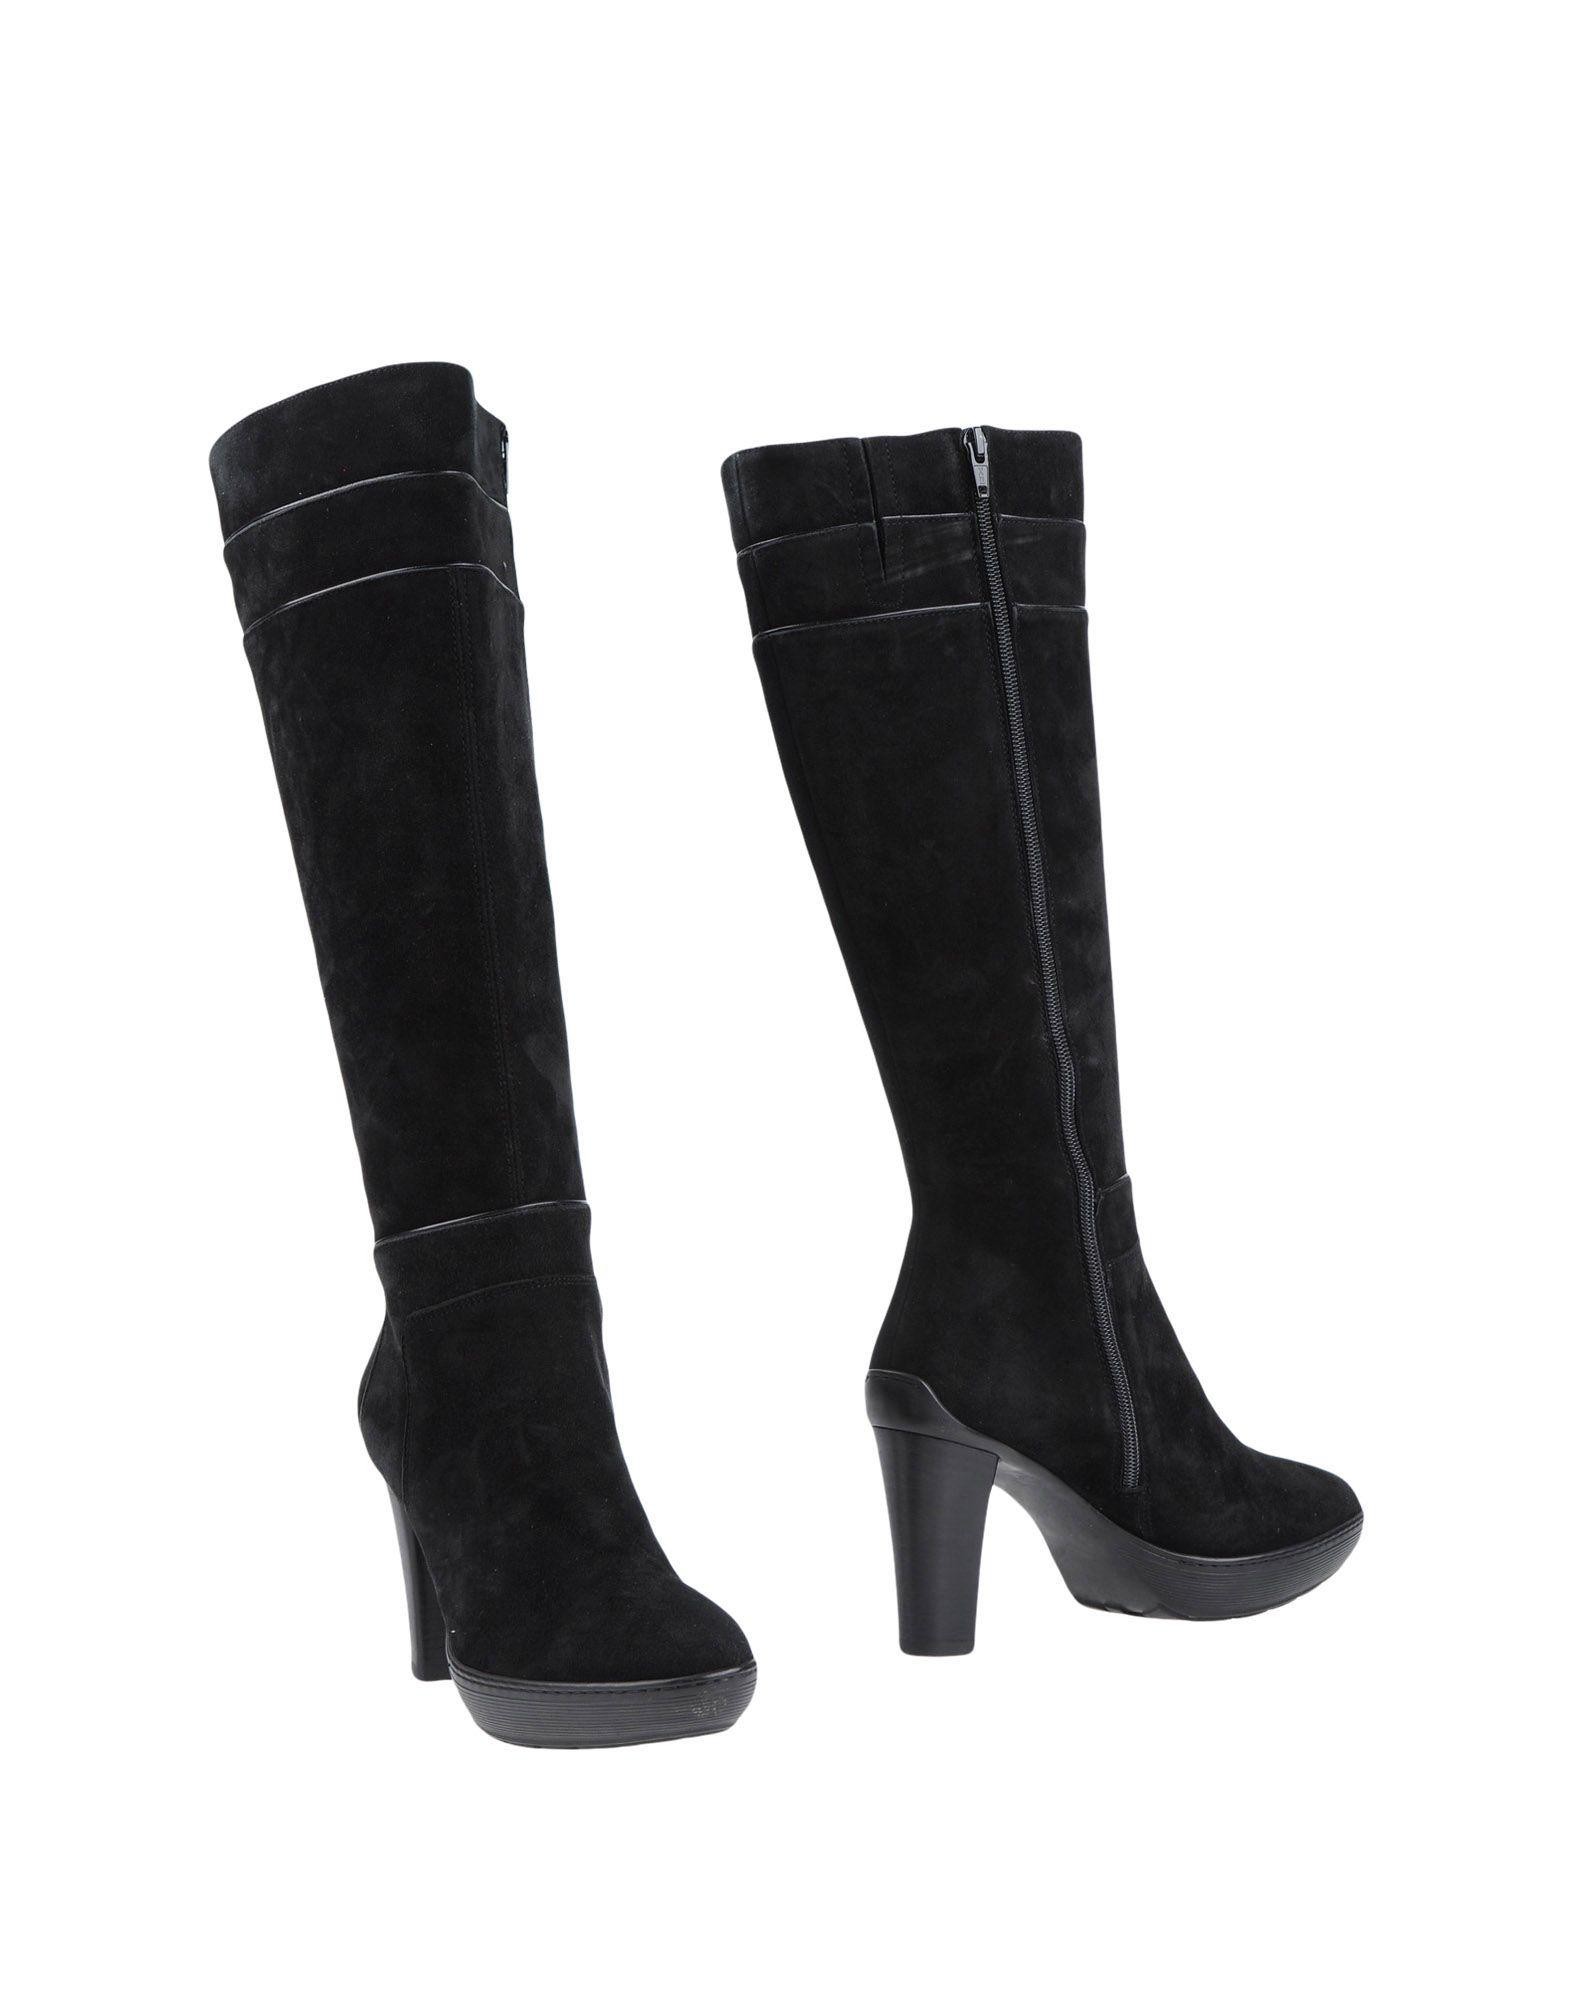 Gut um 11296251FG billige Schuhe zu tragenTriver Flight Stiefel Damen 11296251FG um e5a556